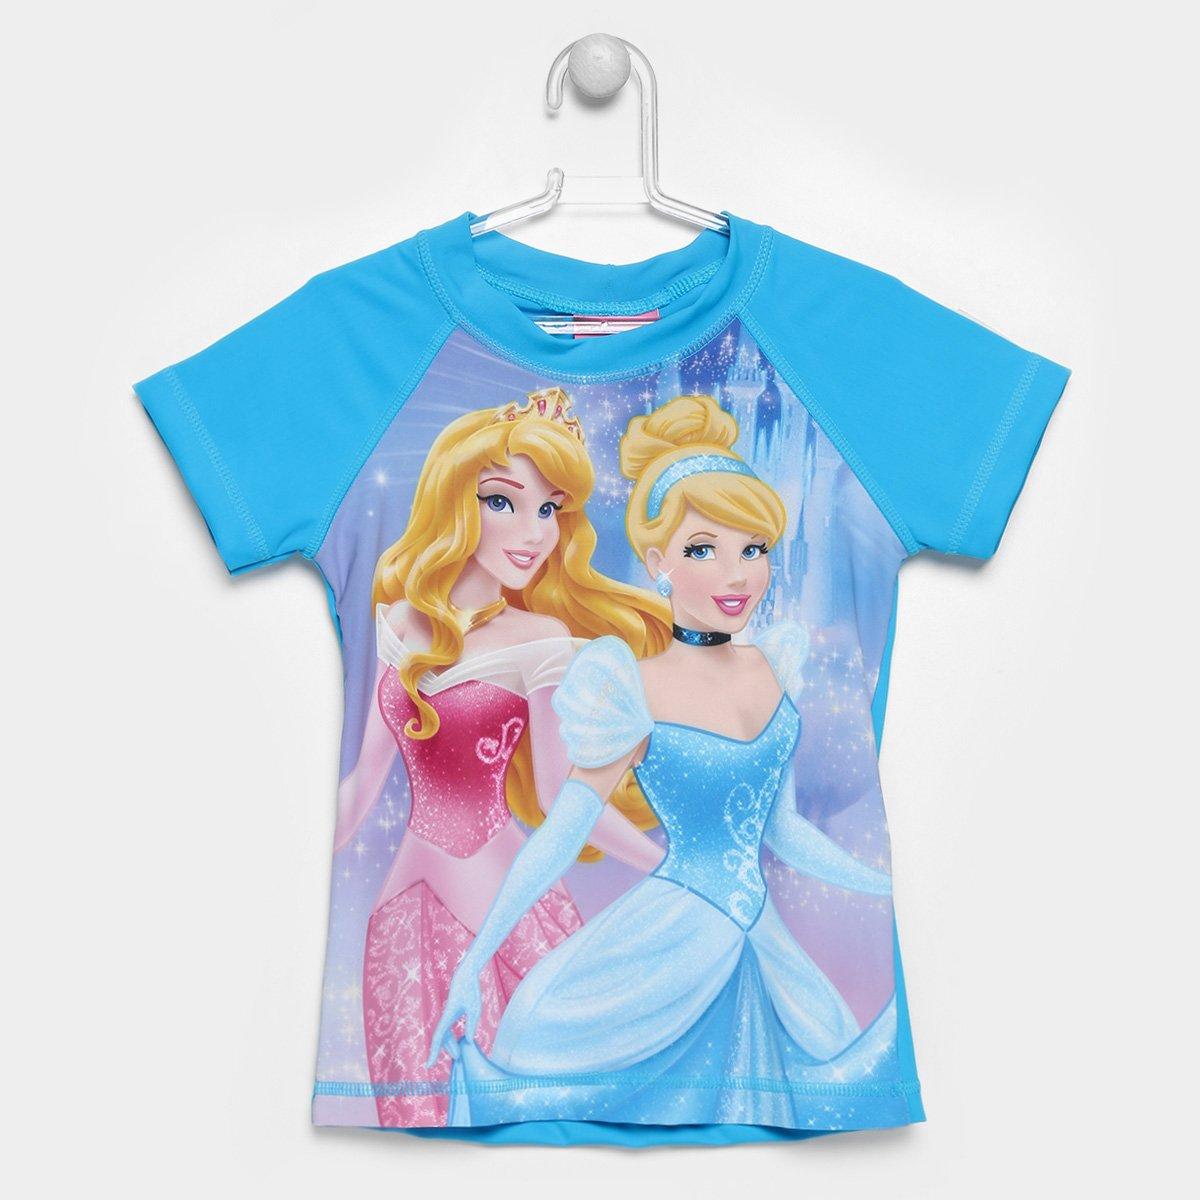 Camiseta Infantil Tip Top Princesas Proteção UV Feminina